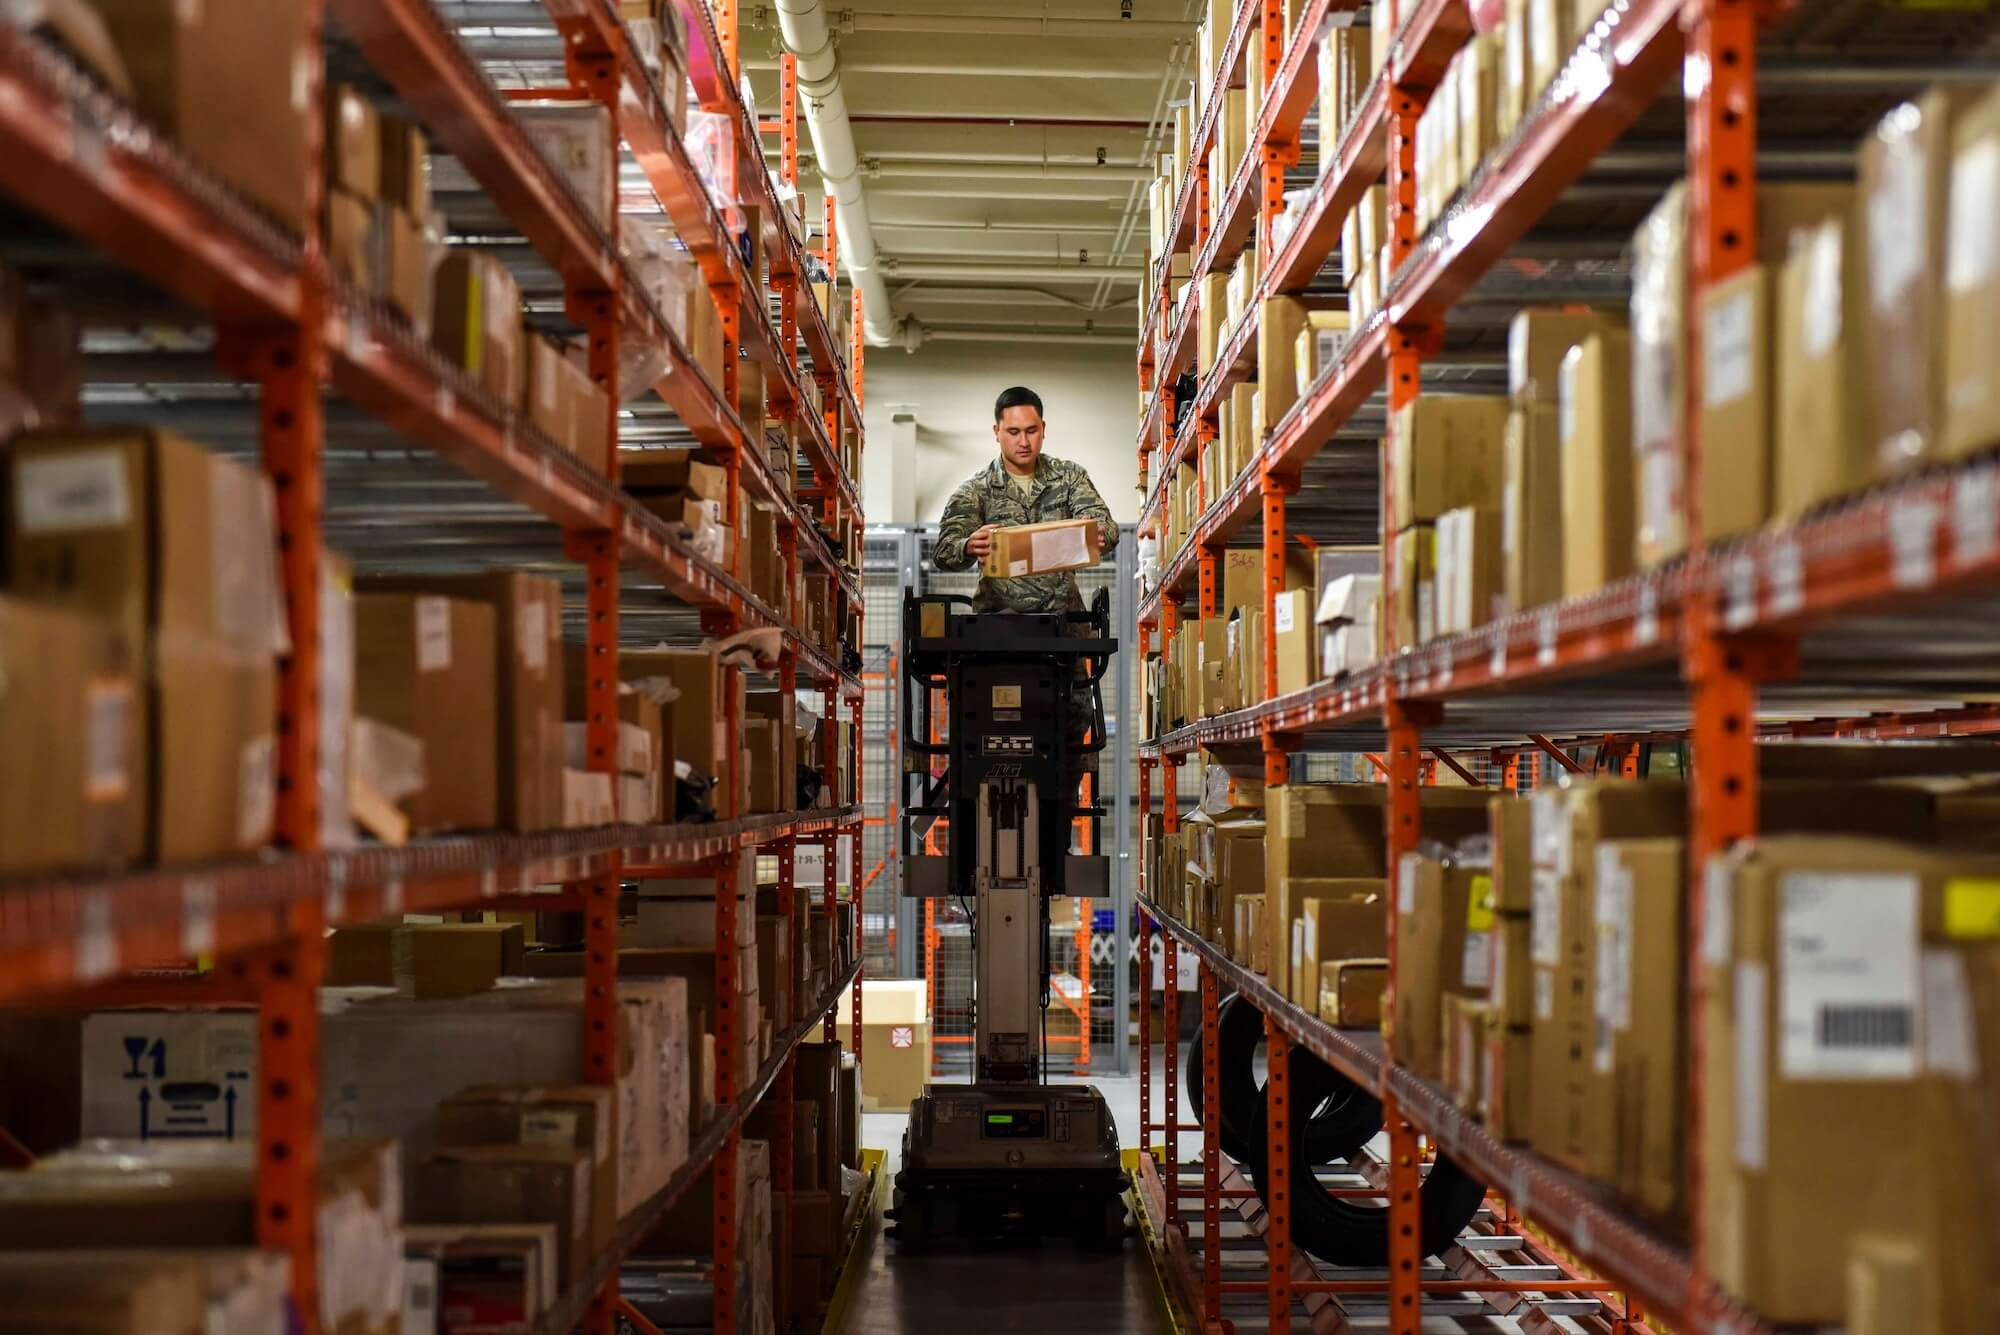 Préparateur de commande qui prélève les produits en rayon